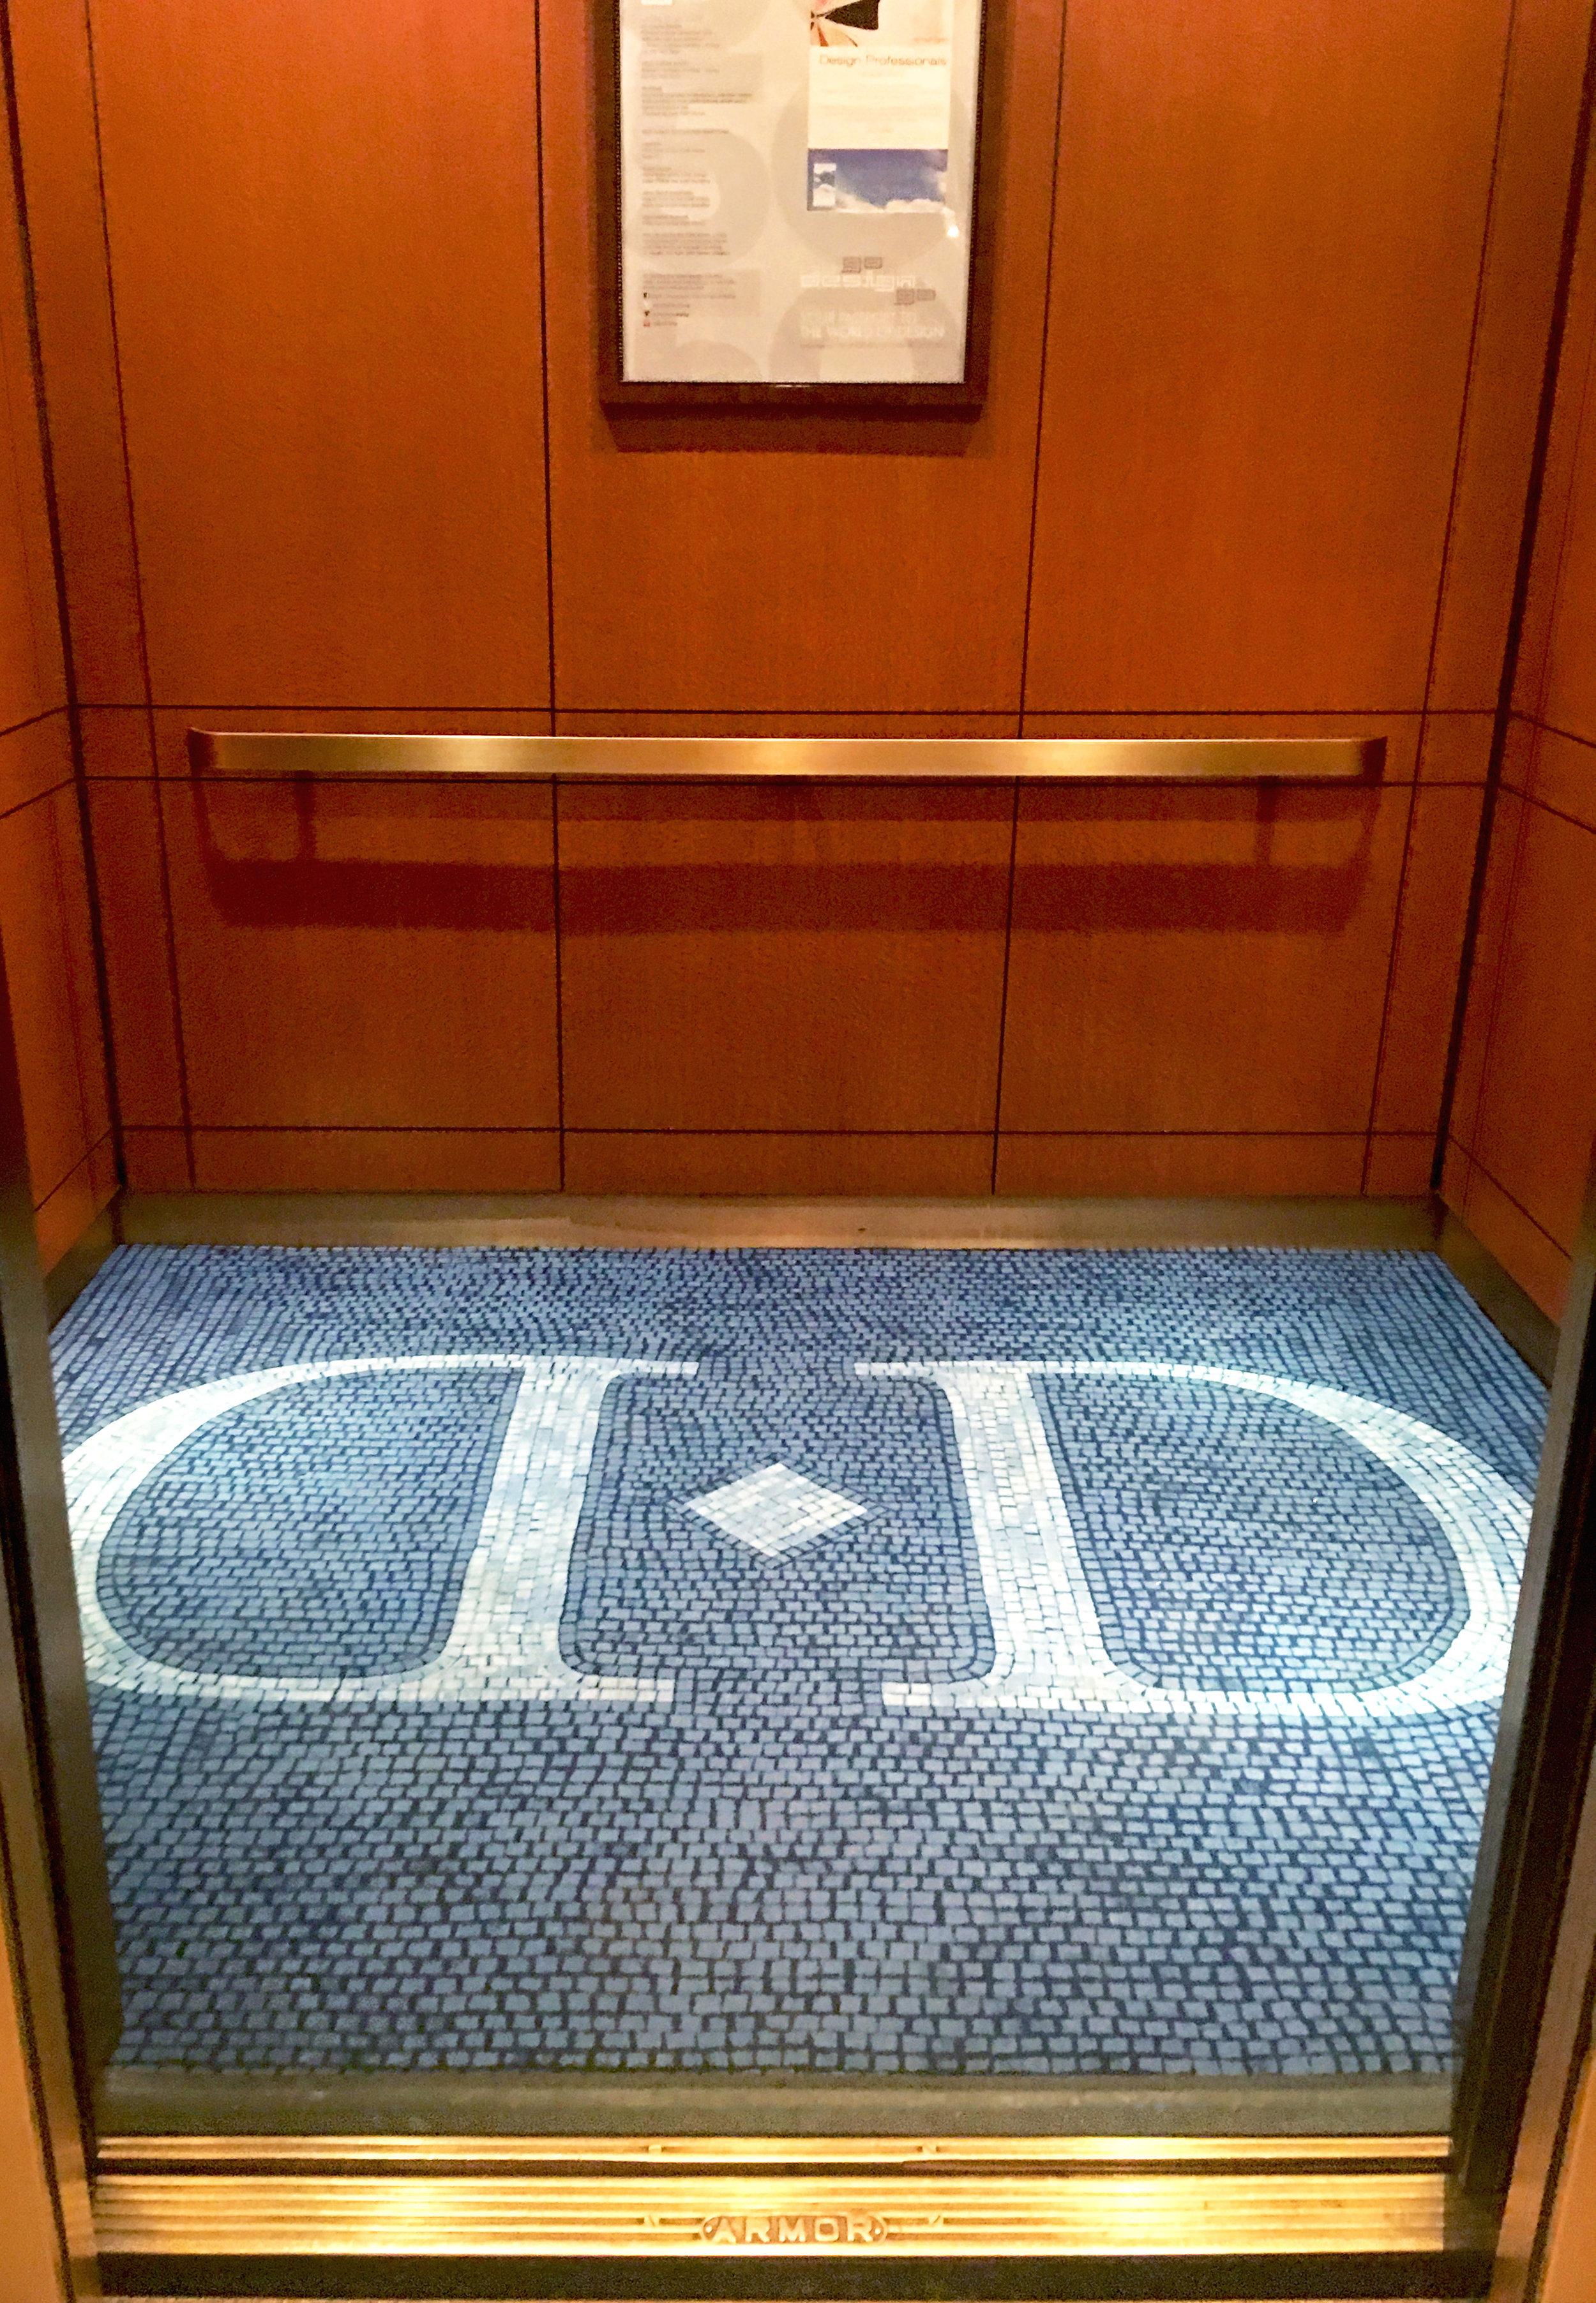 D&D Building Elevators, New York City